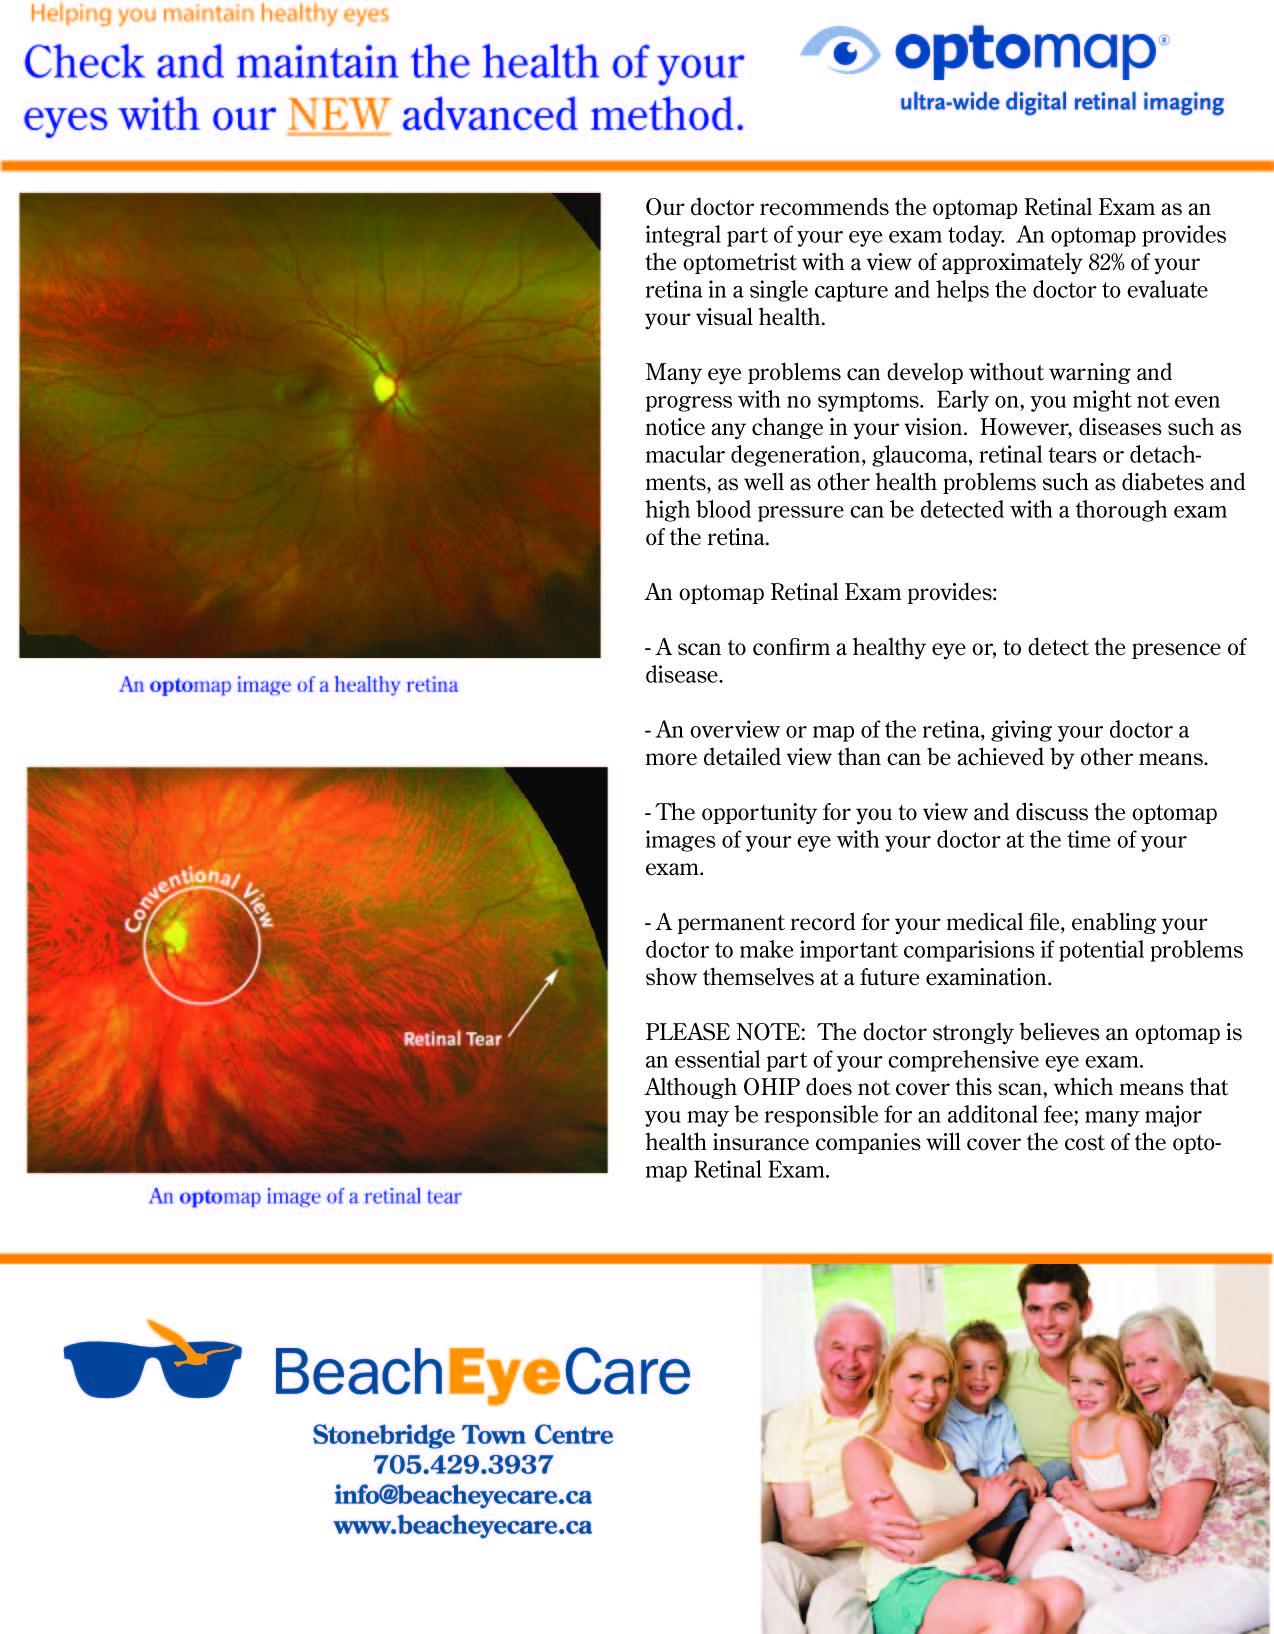 optomap patient info